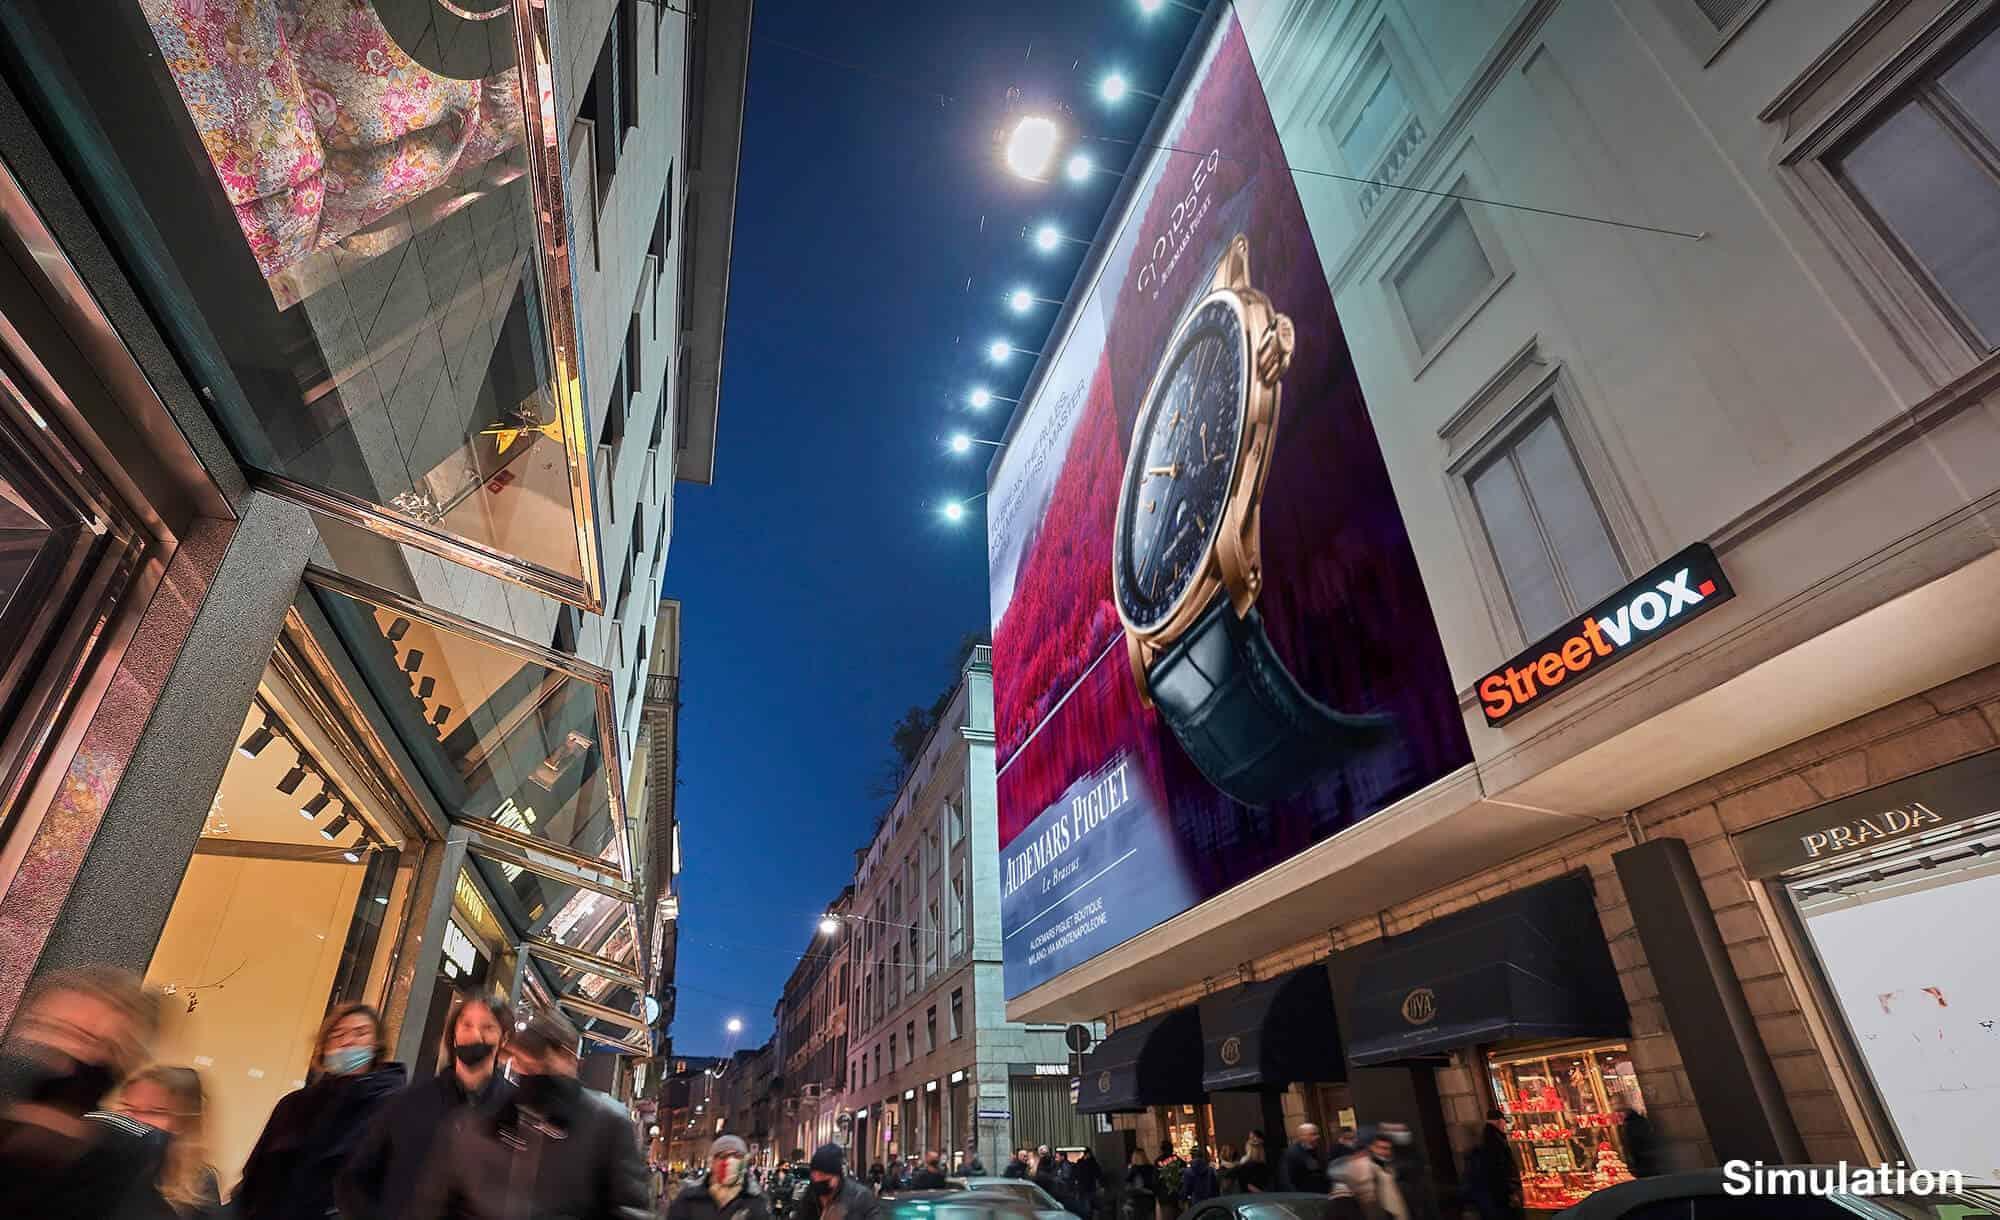 Maxi Affissione Streetvox Via Monte Napoleone 8 a Milano con Audemar Piguet (Luxury)